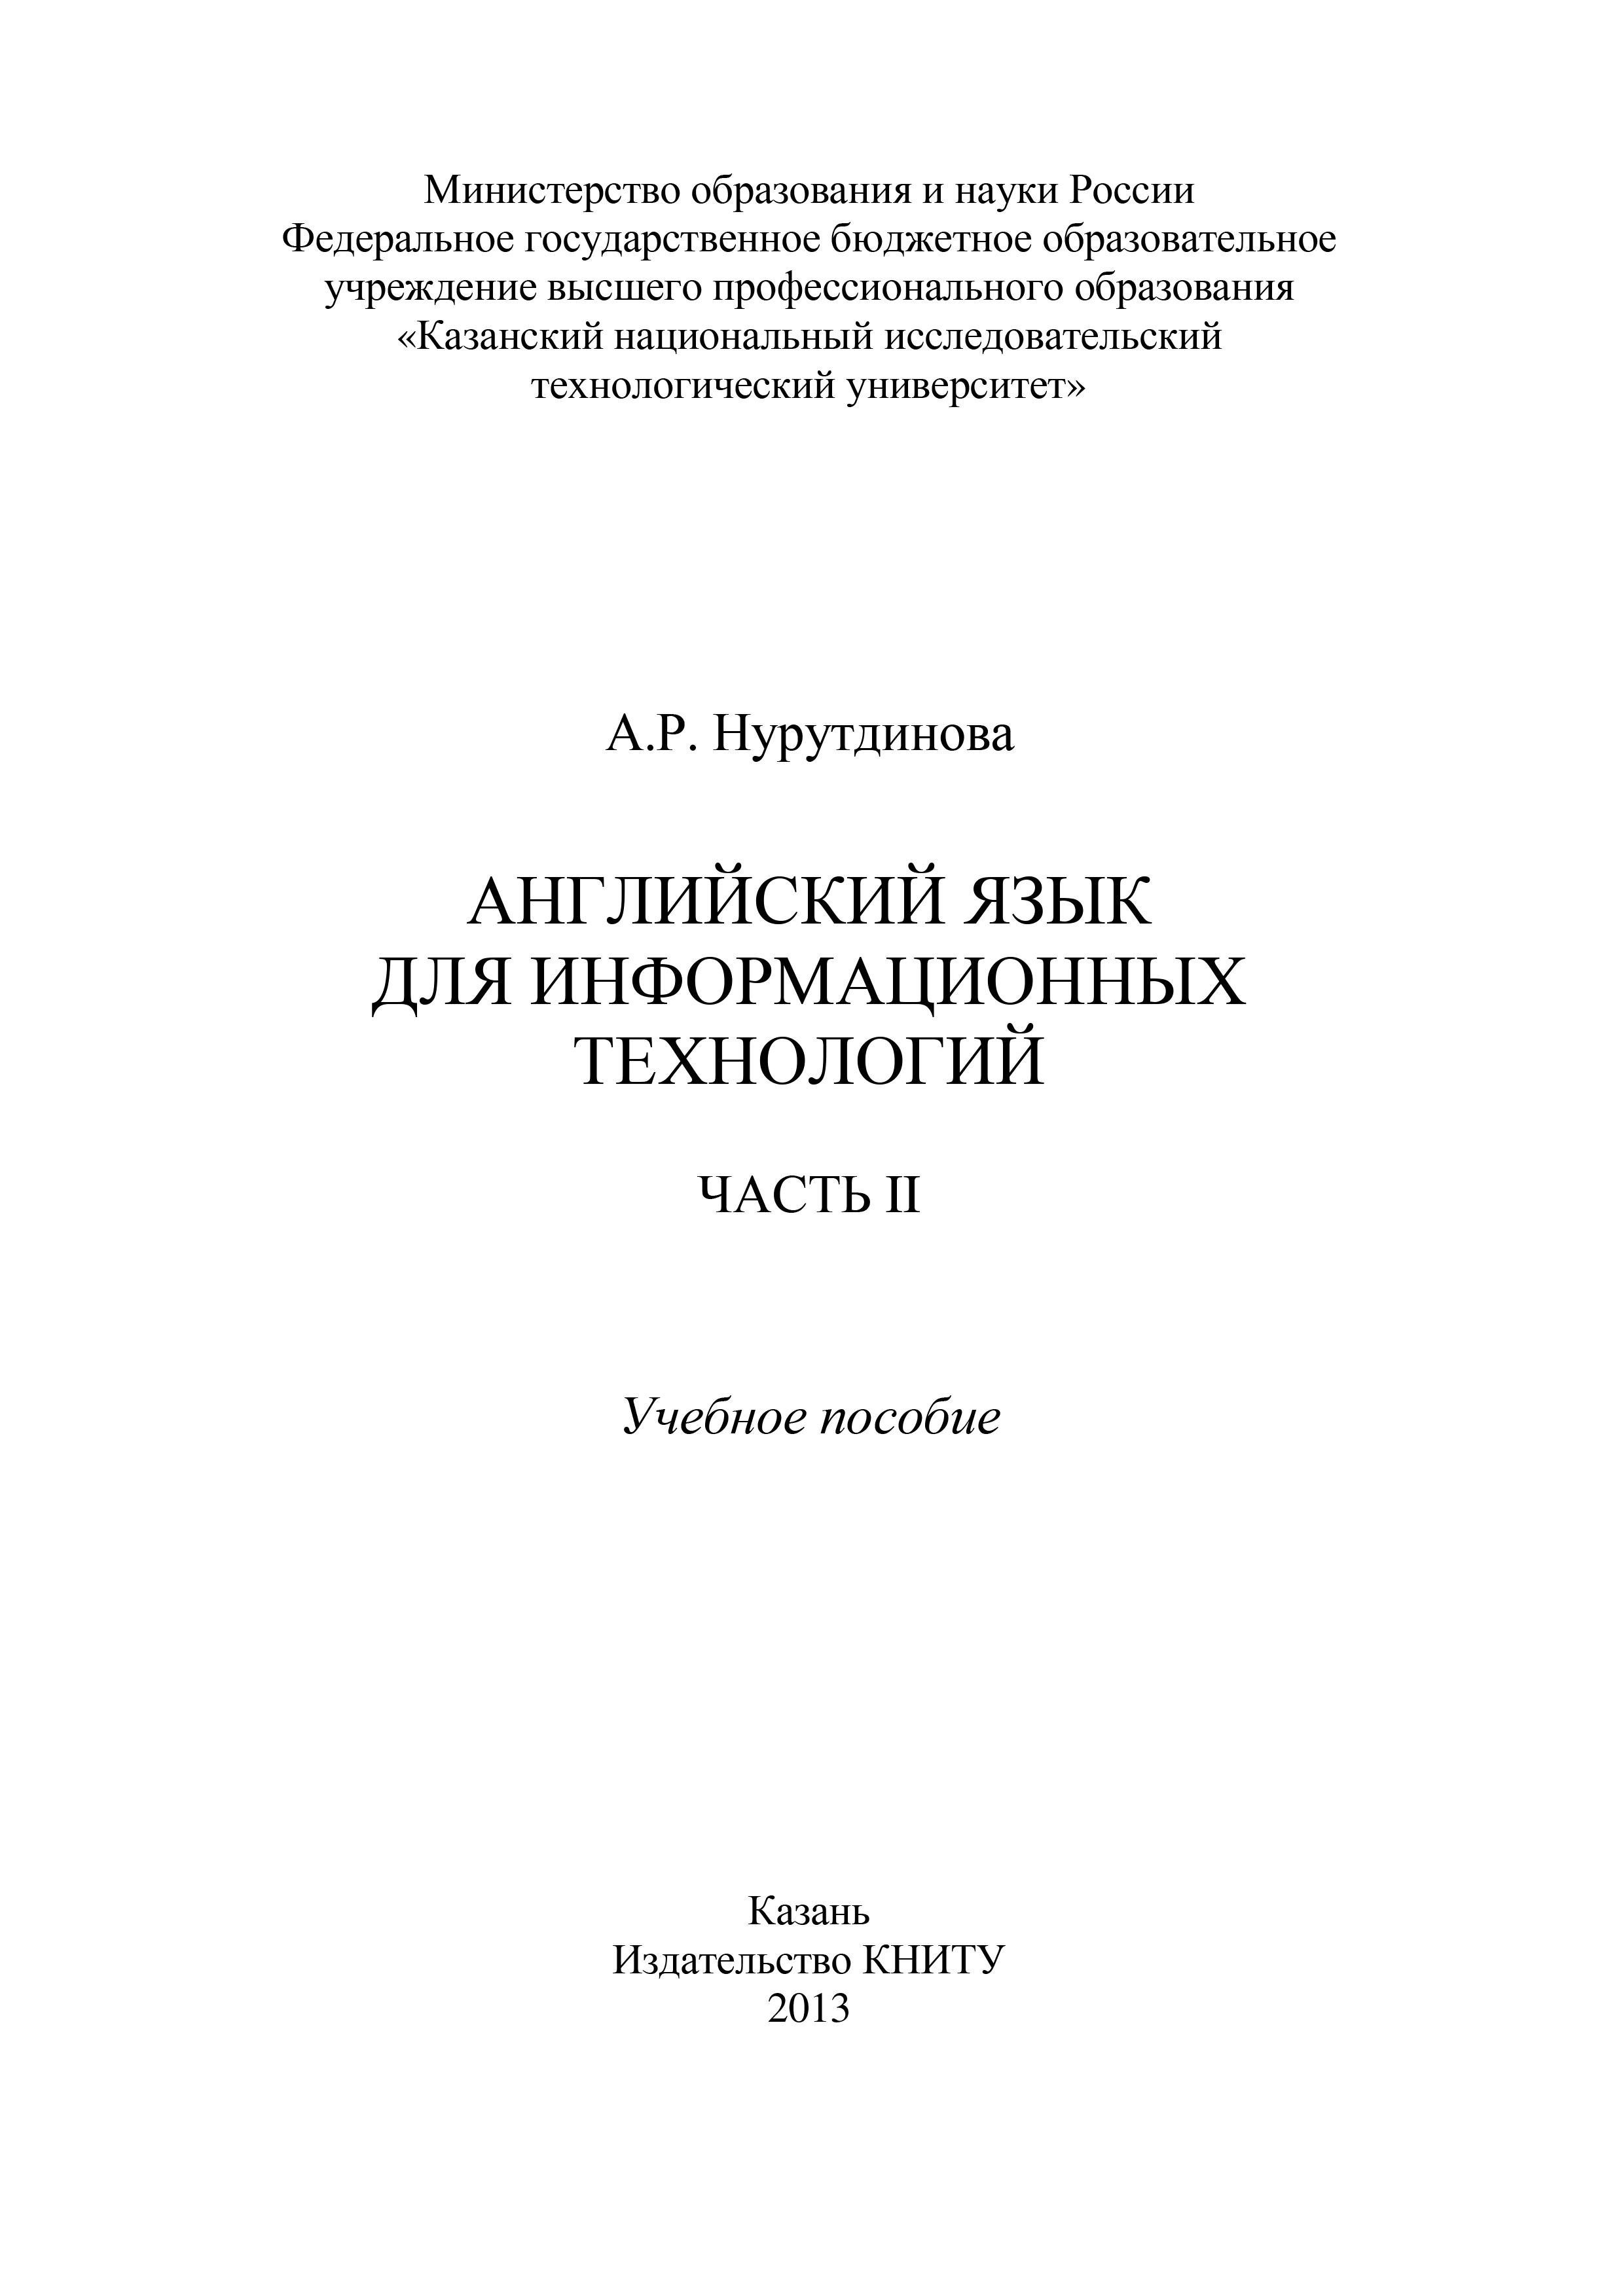 А. Нурутдинова Английский язык для информационных технологий. Часть II